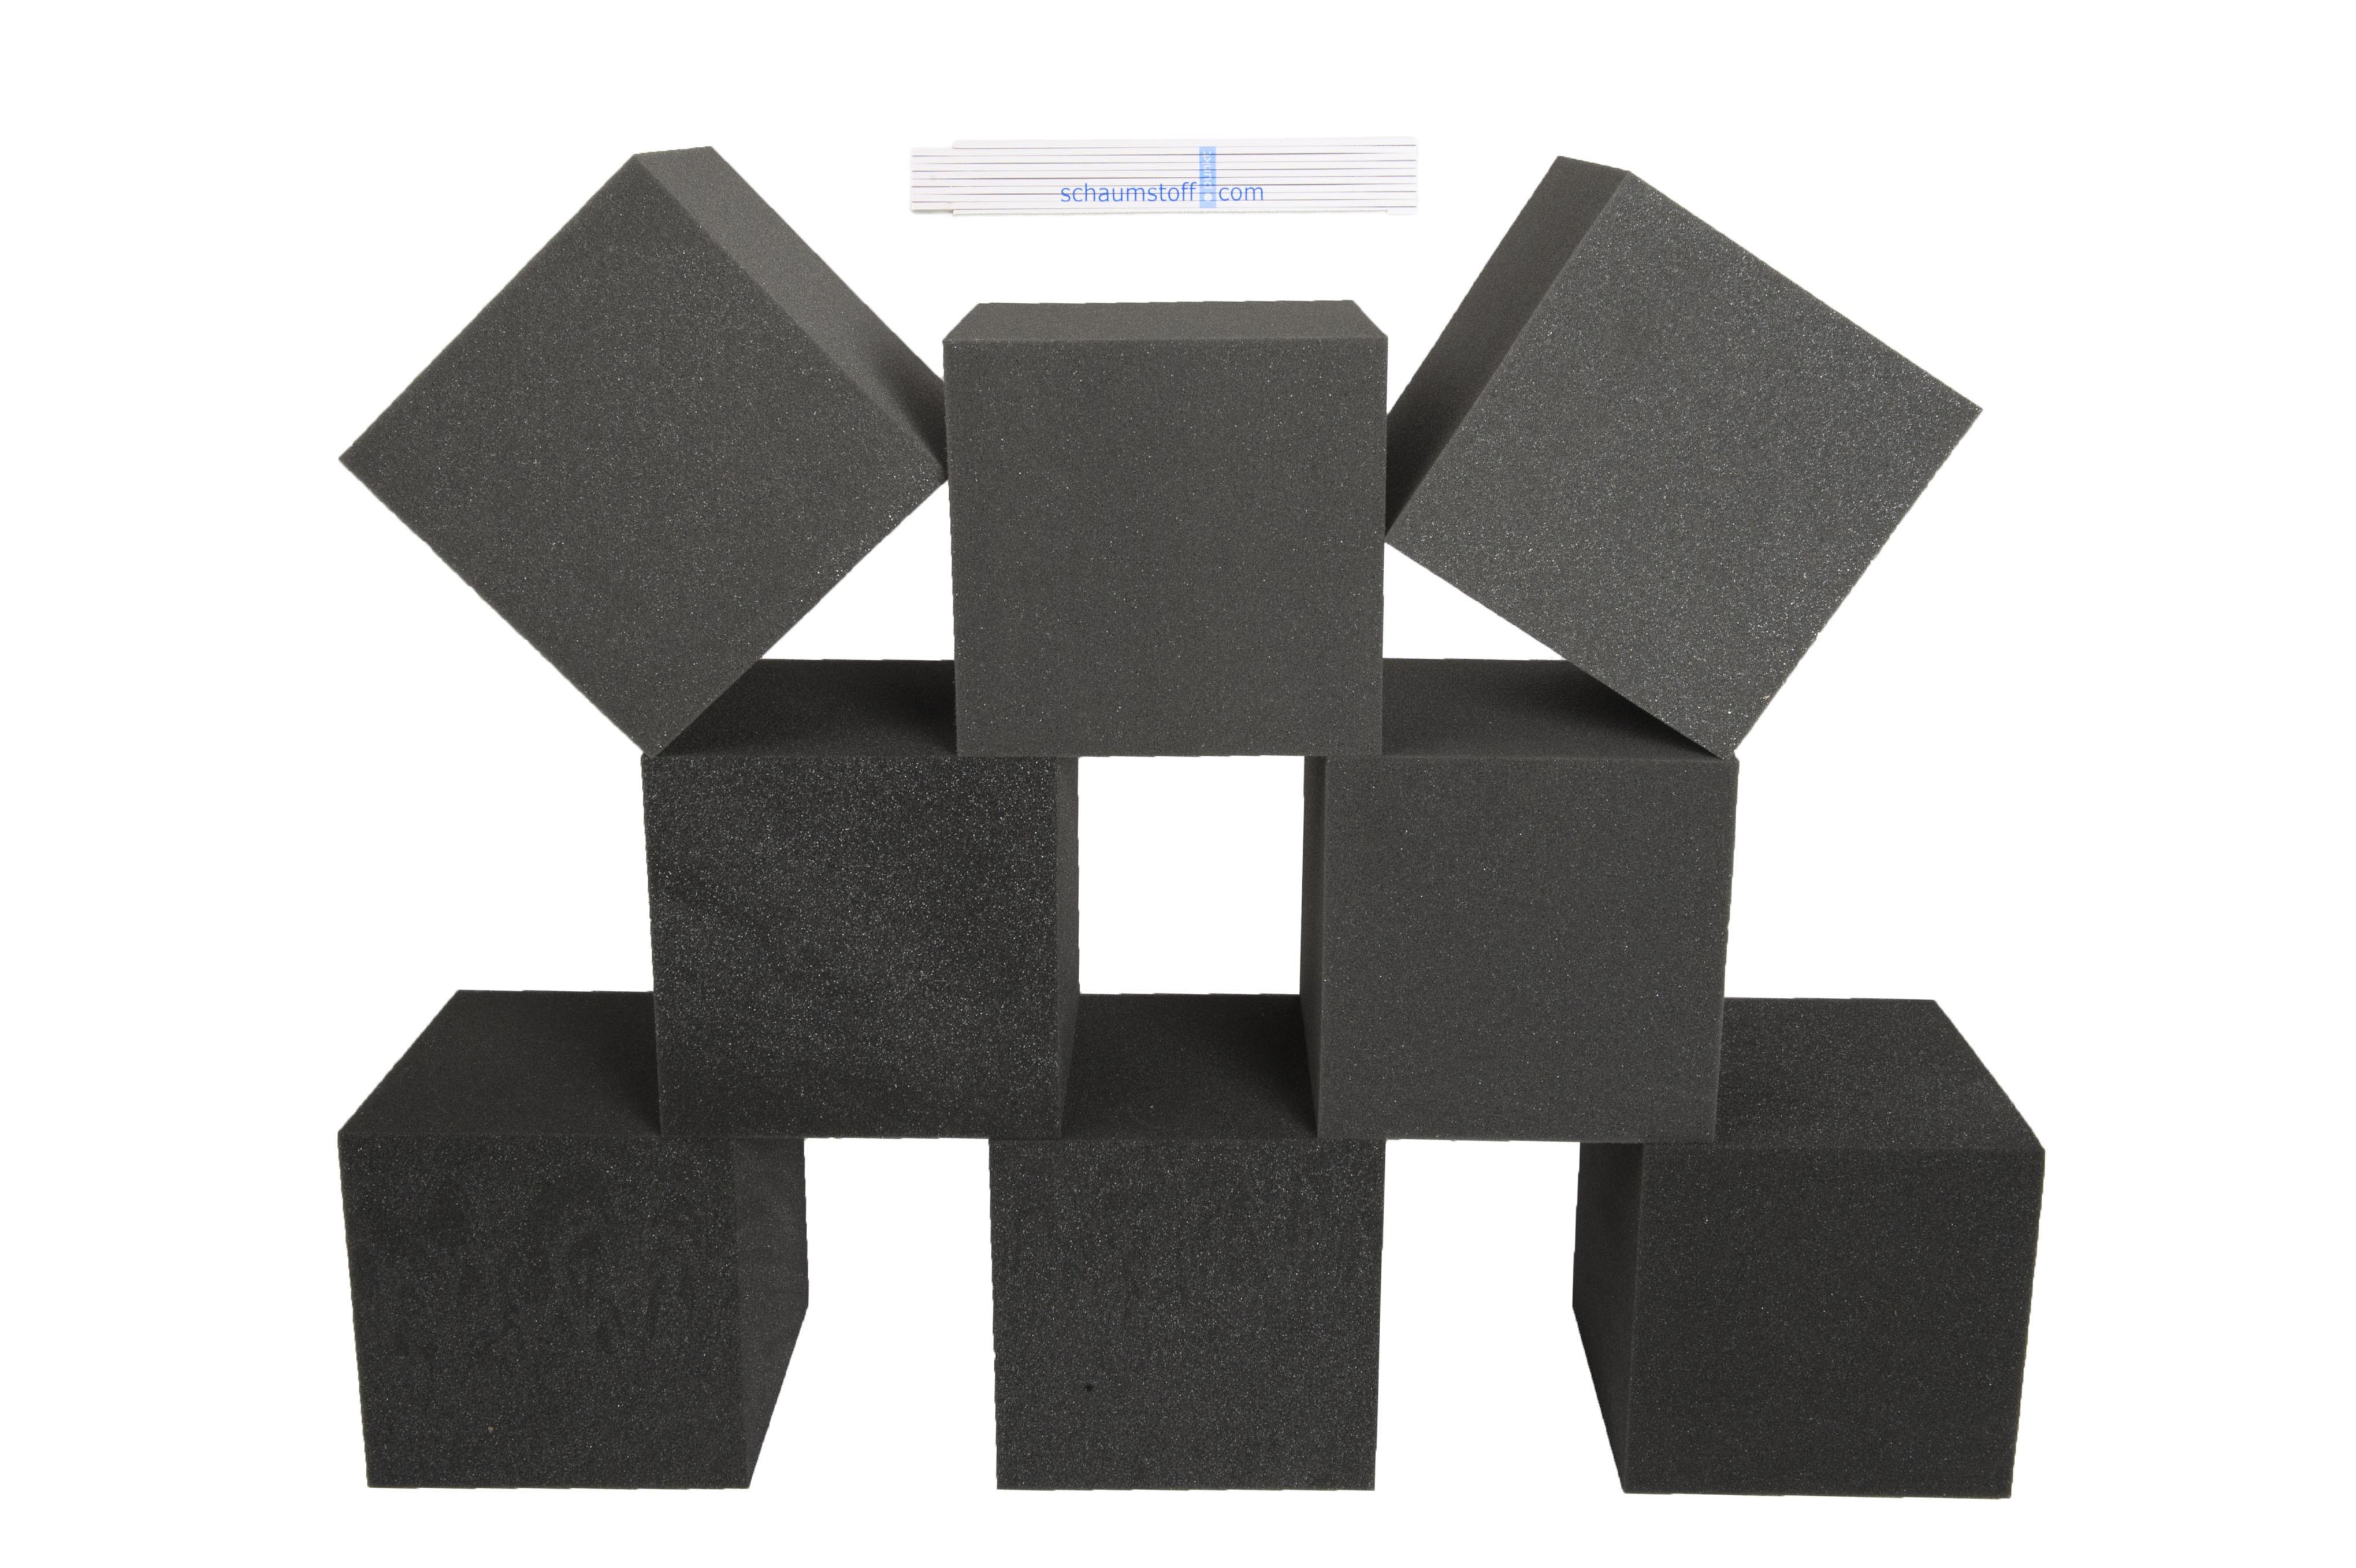 8 st ck schaumstoff w rfel 20x20x20cm spiel bausteine dekow rfel therapiehilfe. Black Bedroom Furniture Sets. Home Design Ideas